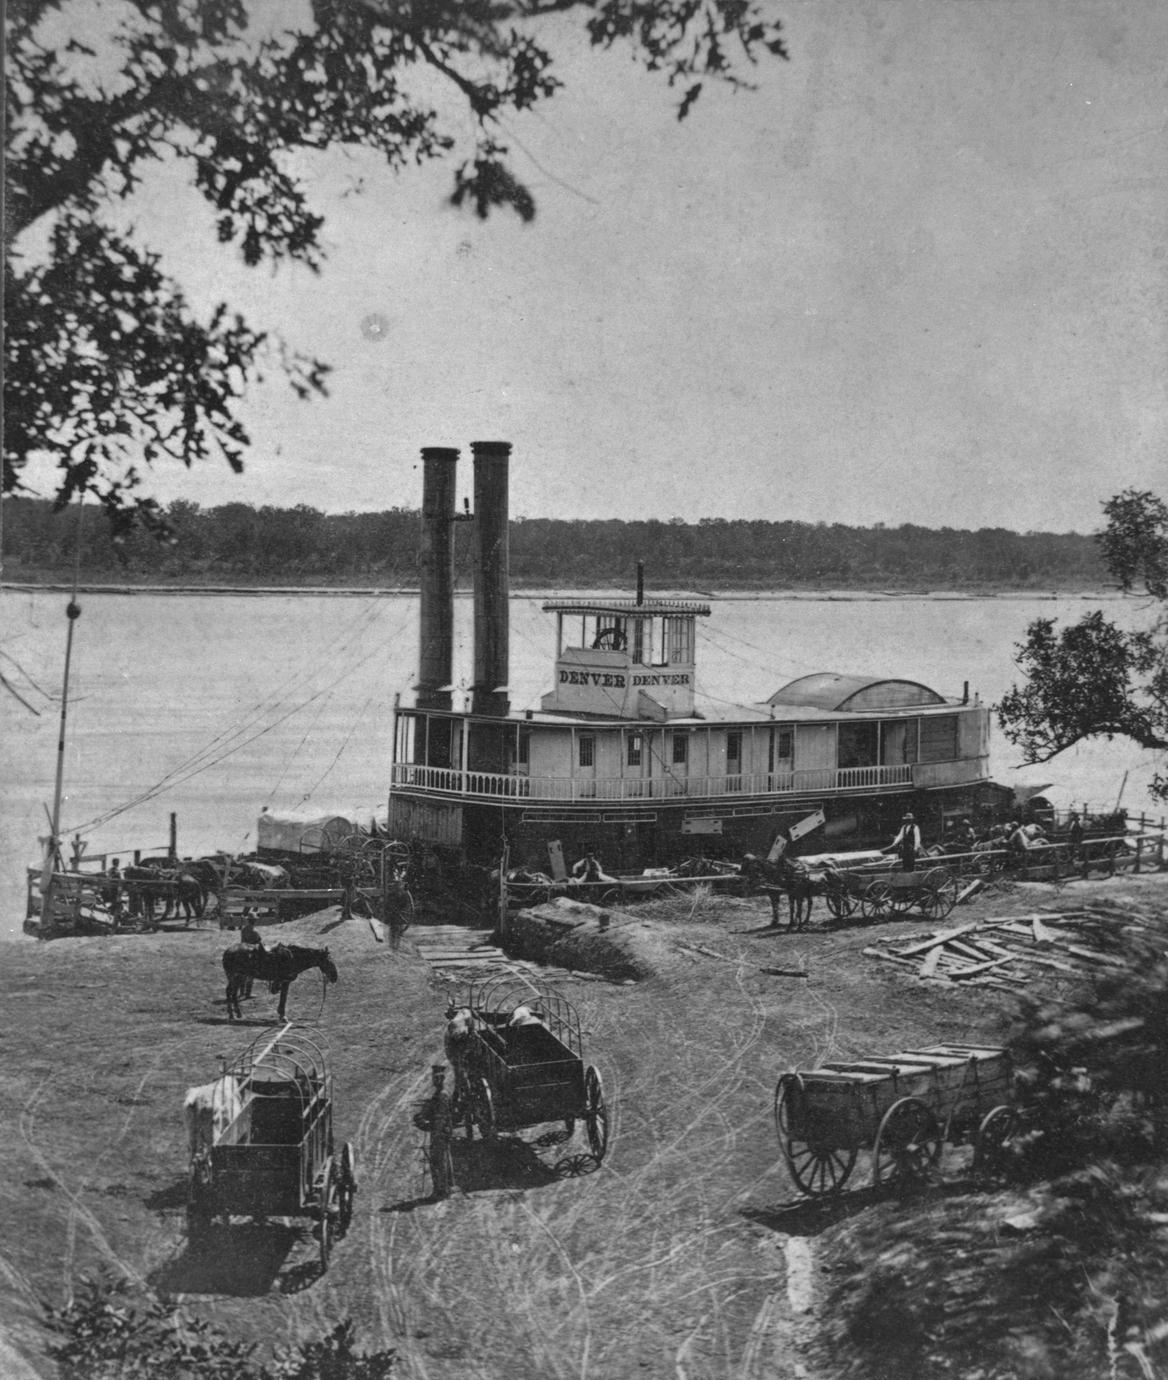 Denver (Ferry, 1869-1880)